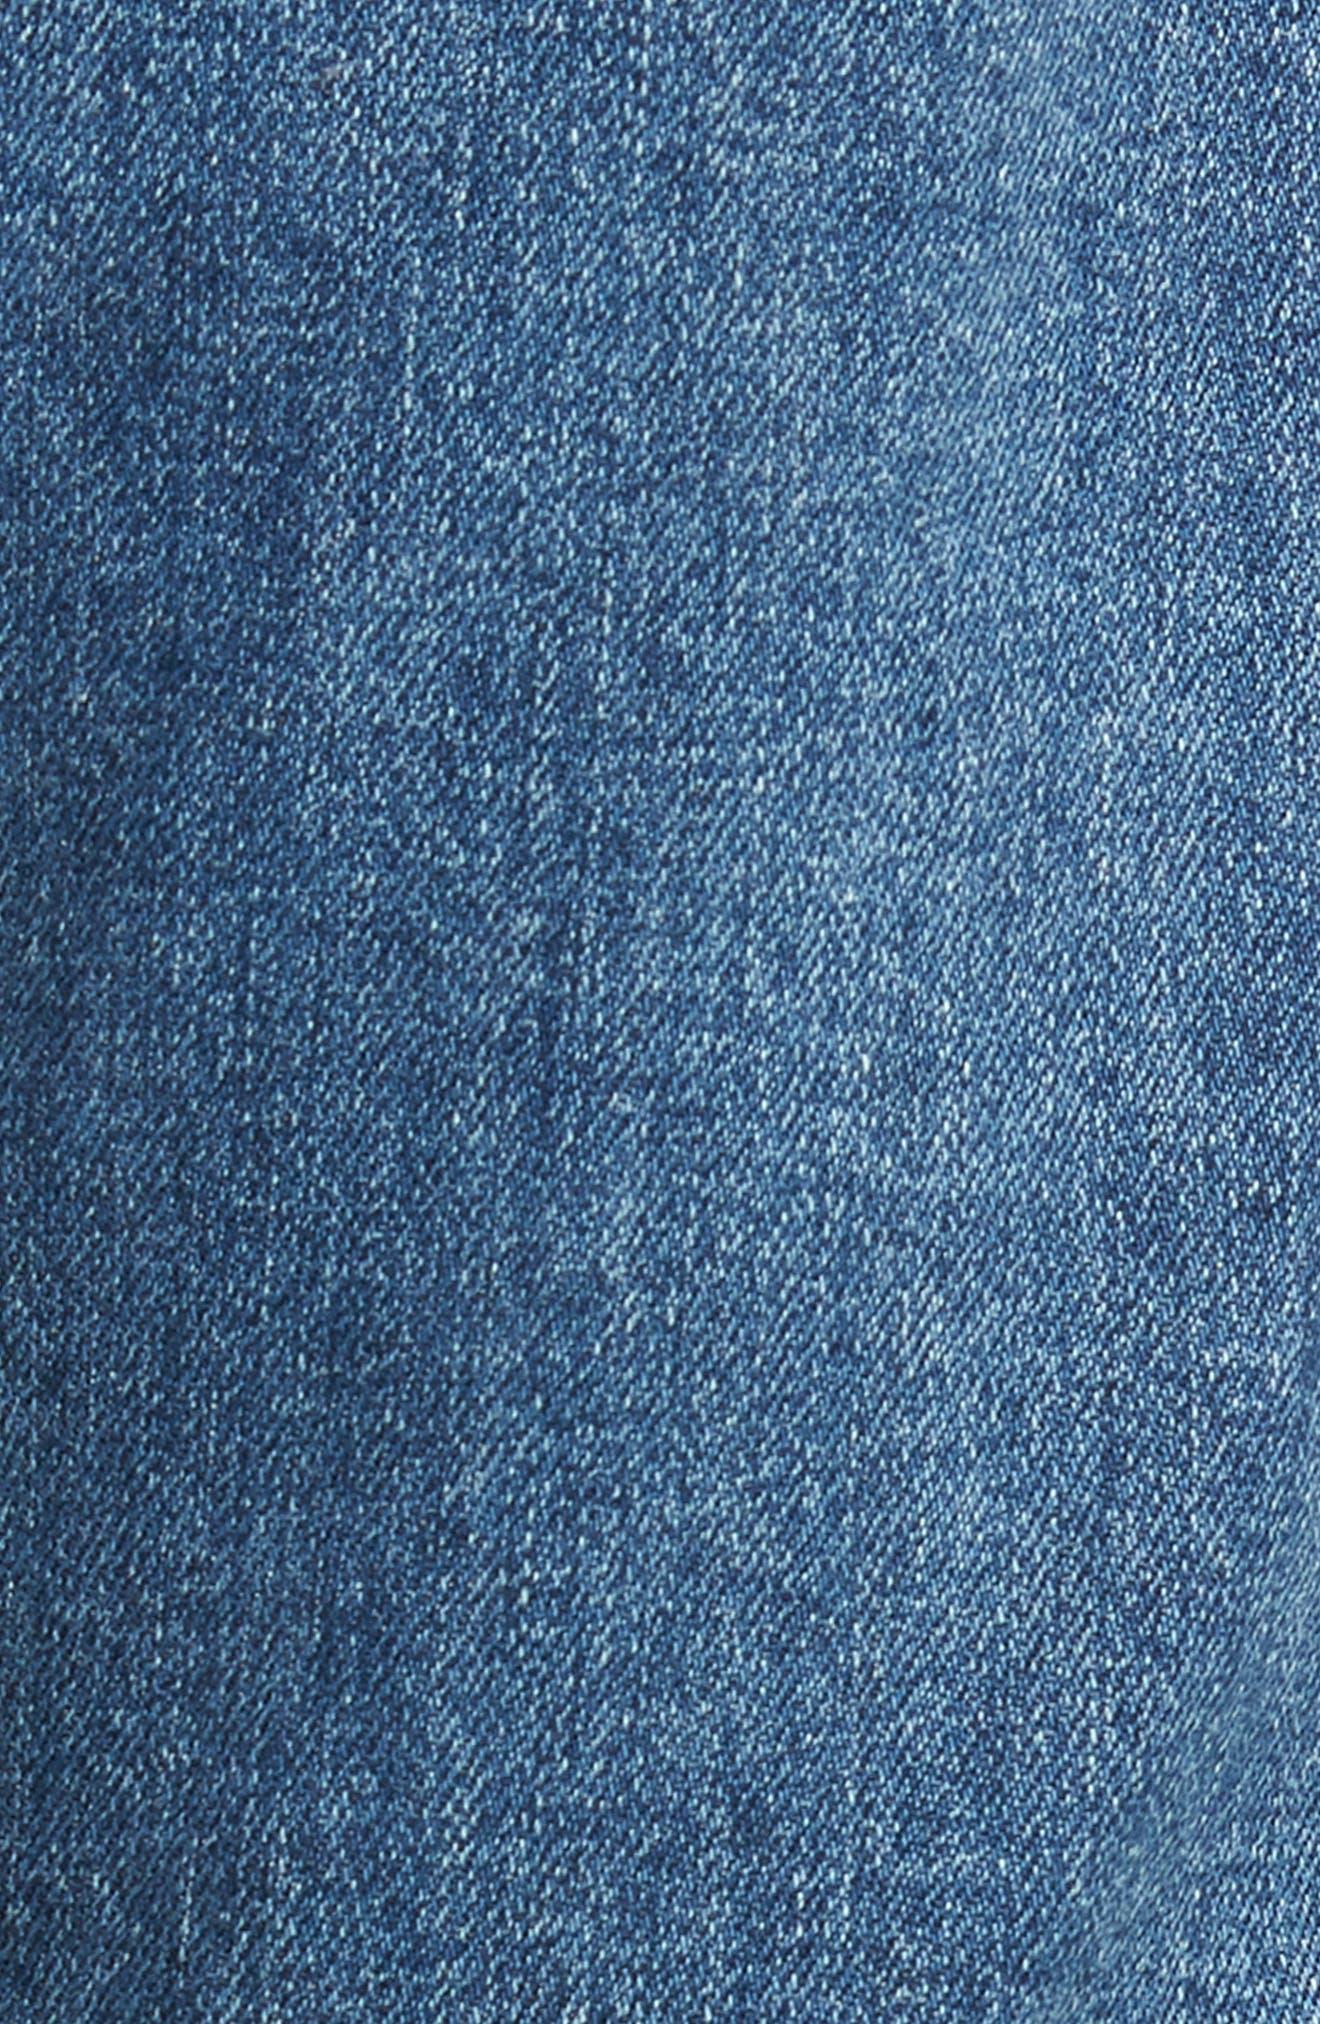 Emerson Slim Boyfriend Jeans,                             Alternate thumbnail 6, color,                             Century